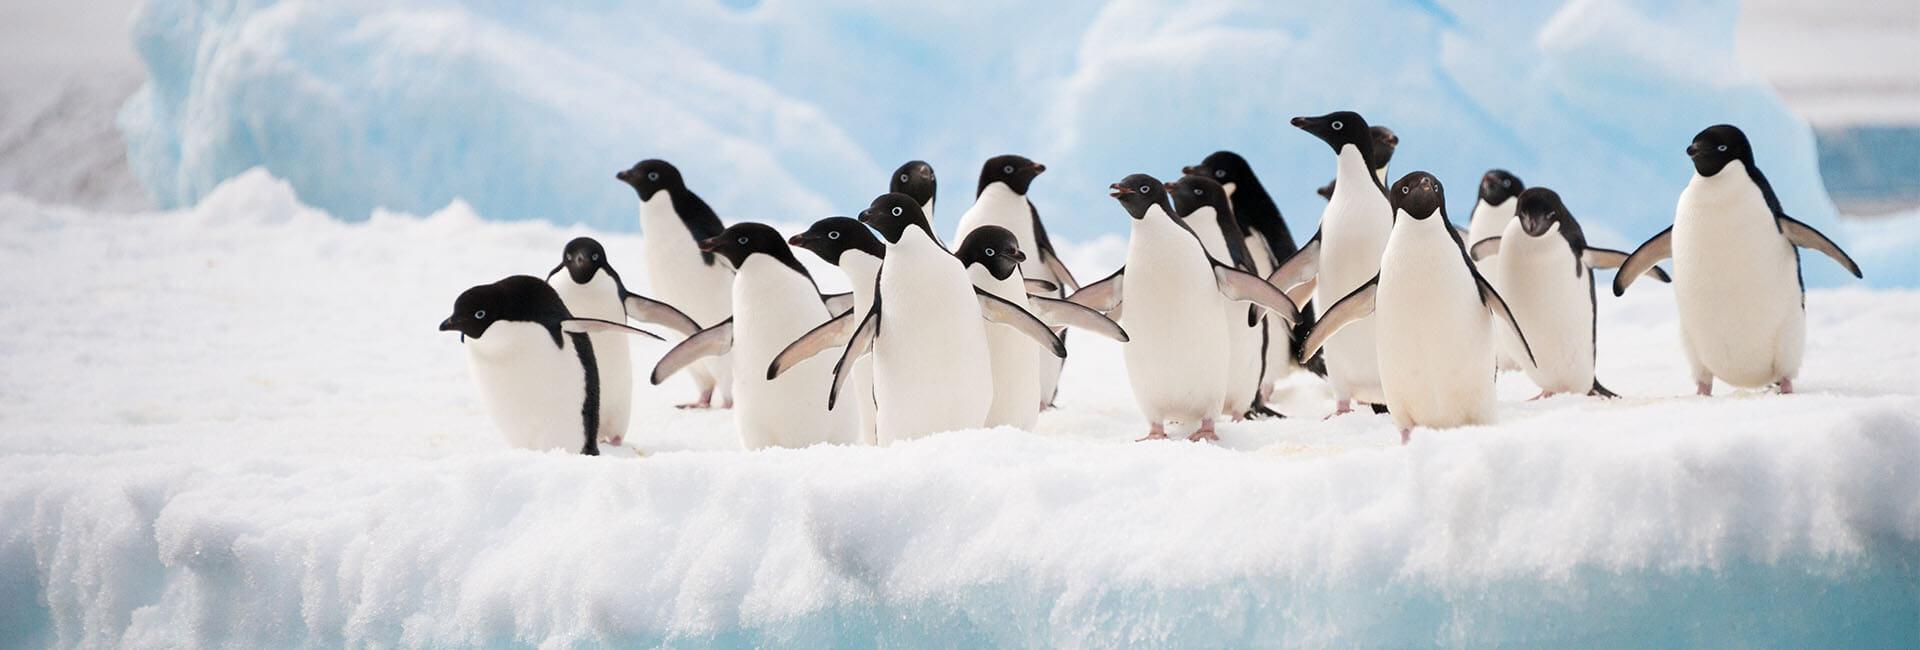 https://active-voyages.fr/wp-content/uploads/2020/02/Manchots-Adélie-colonie-sur-lAntarctique-iceberg.jpg